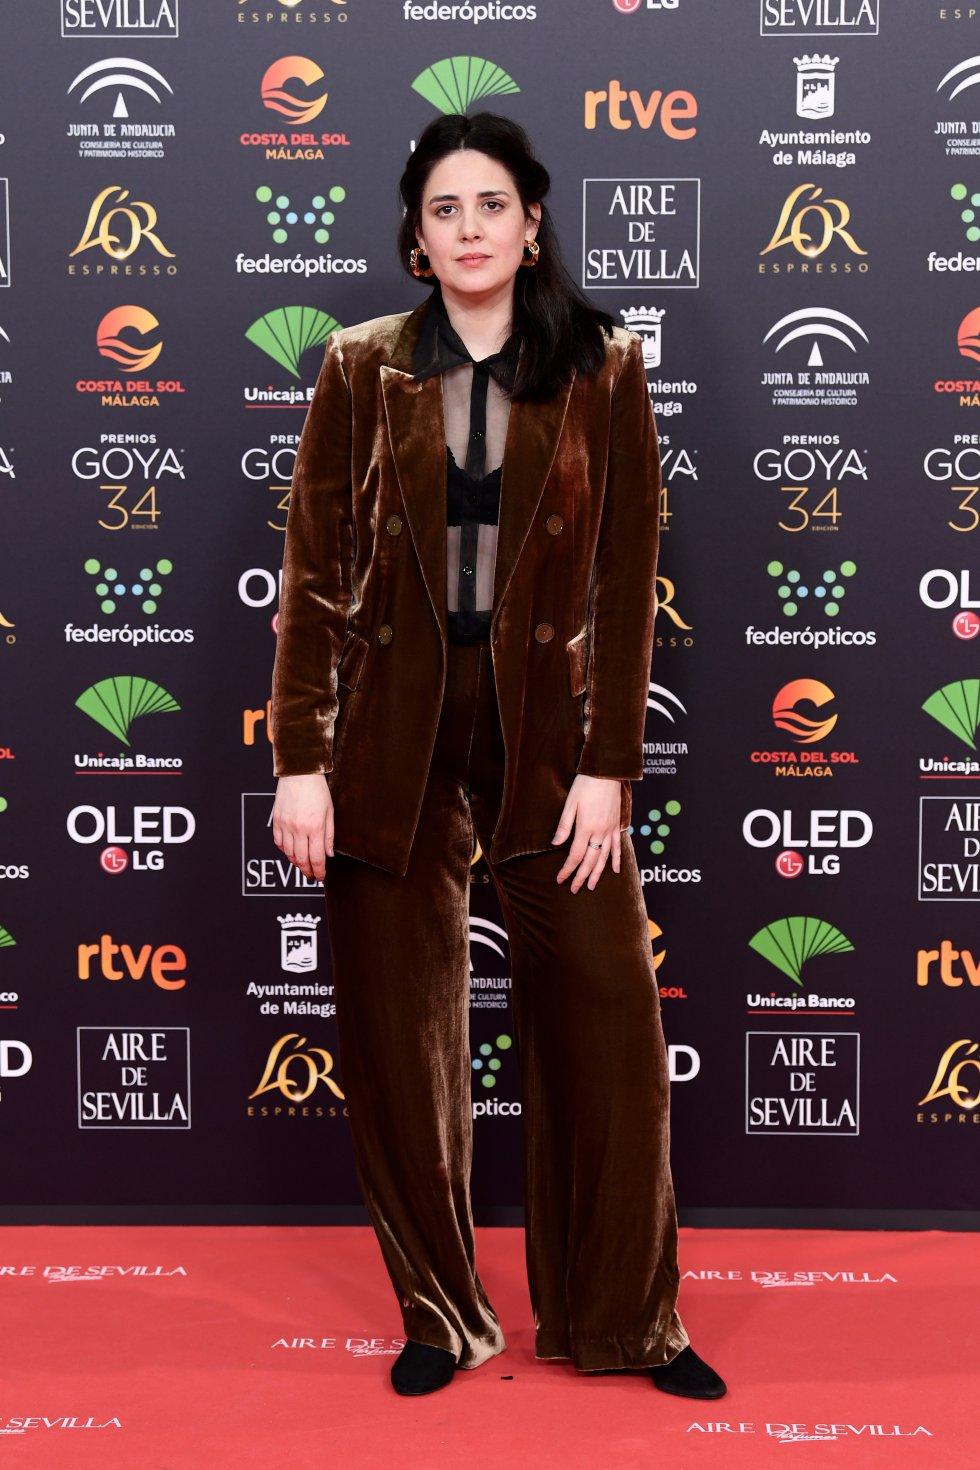 Belén Funes en la alfombra roja de los Premios Goya 2020